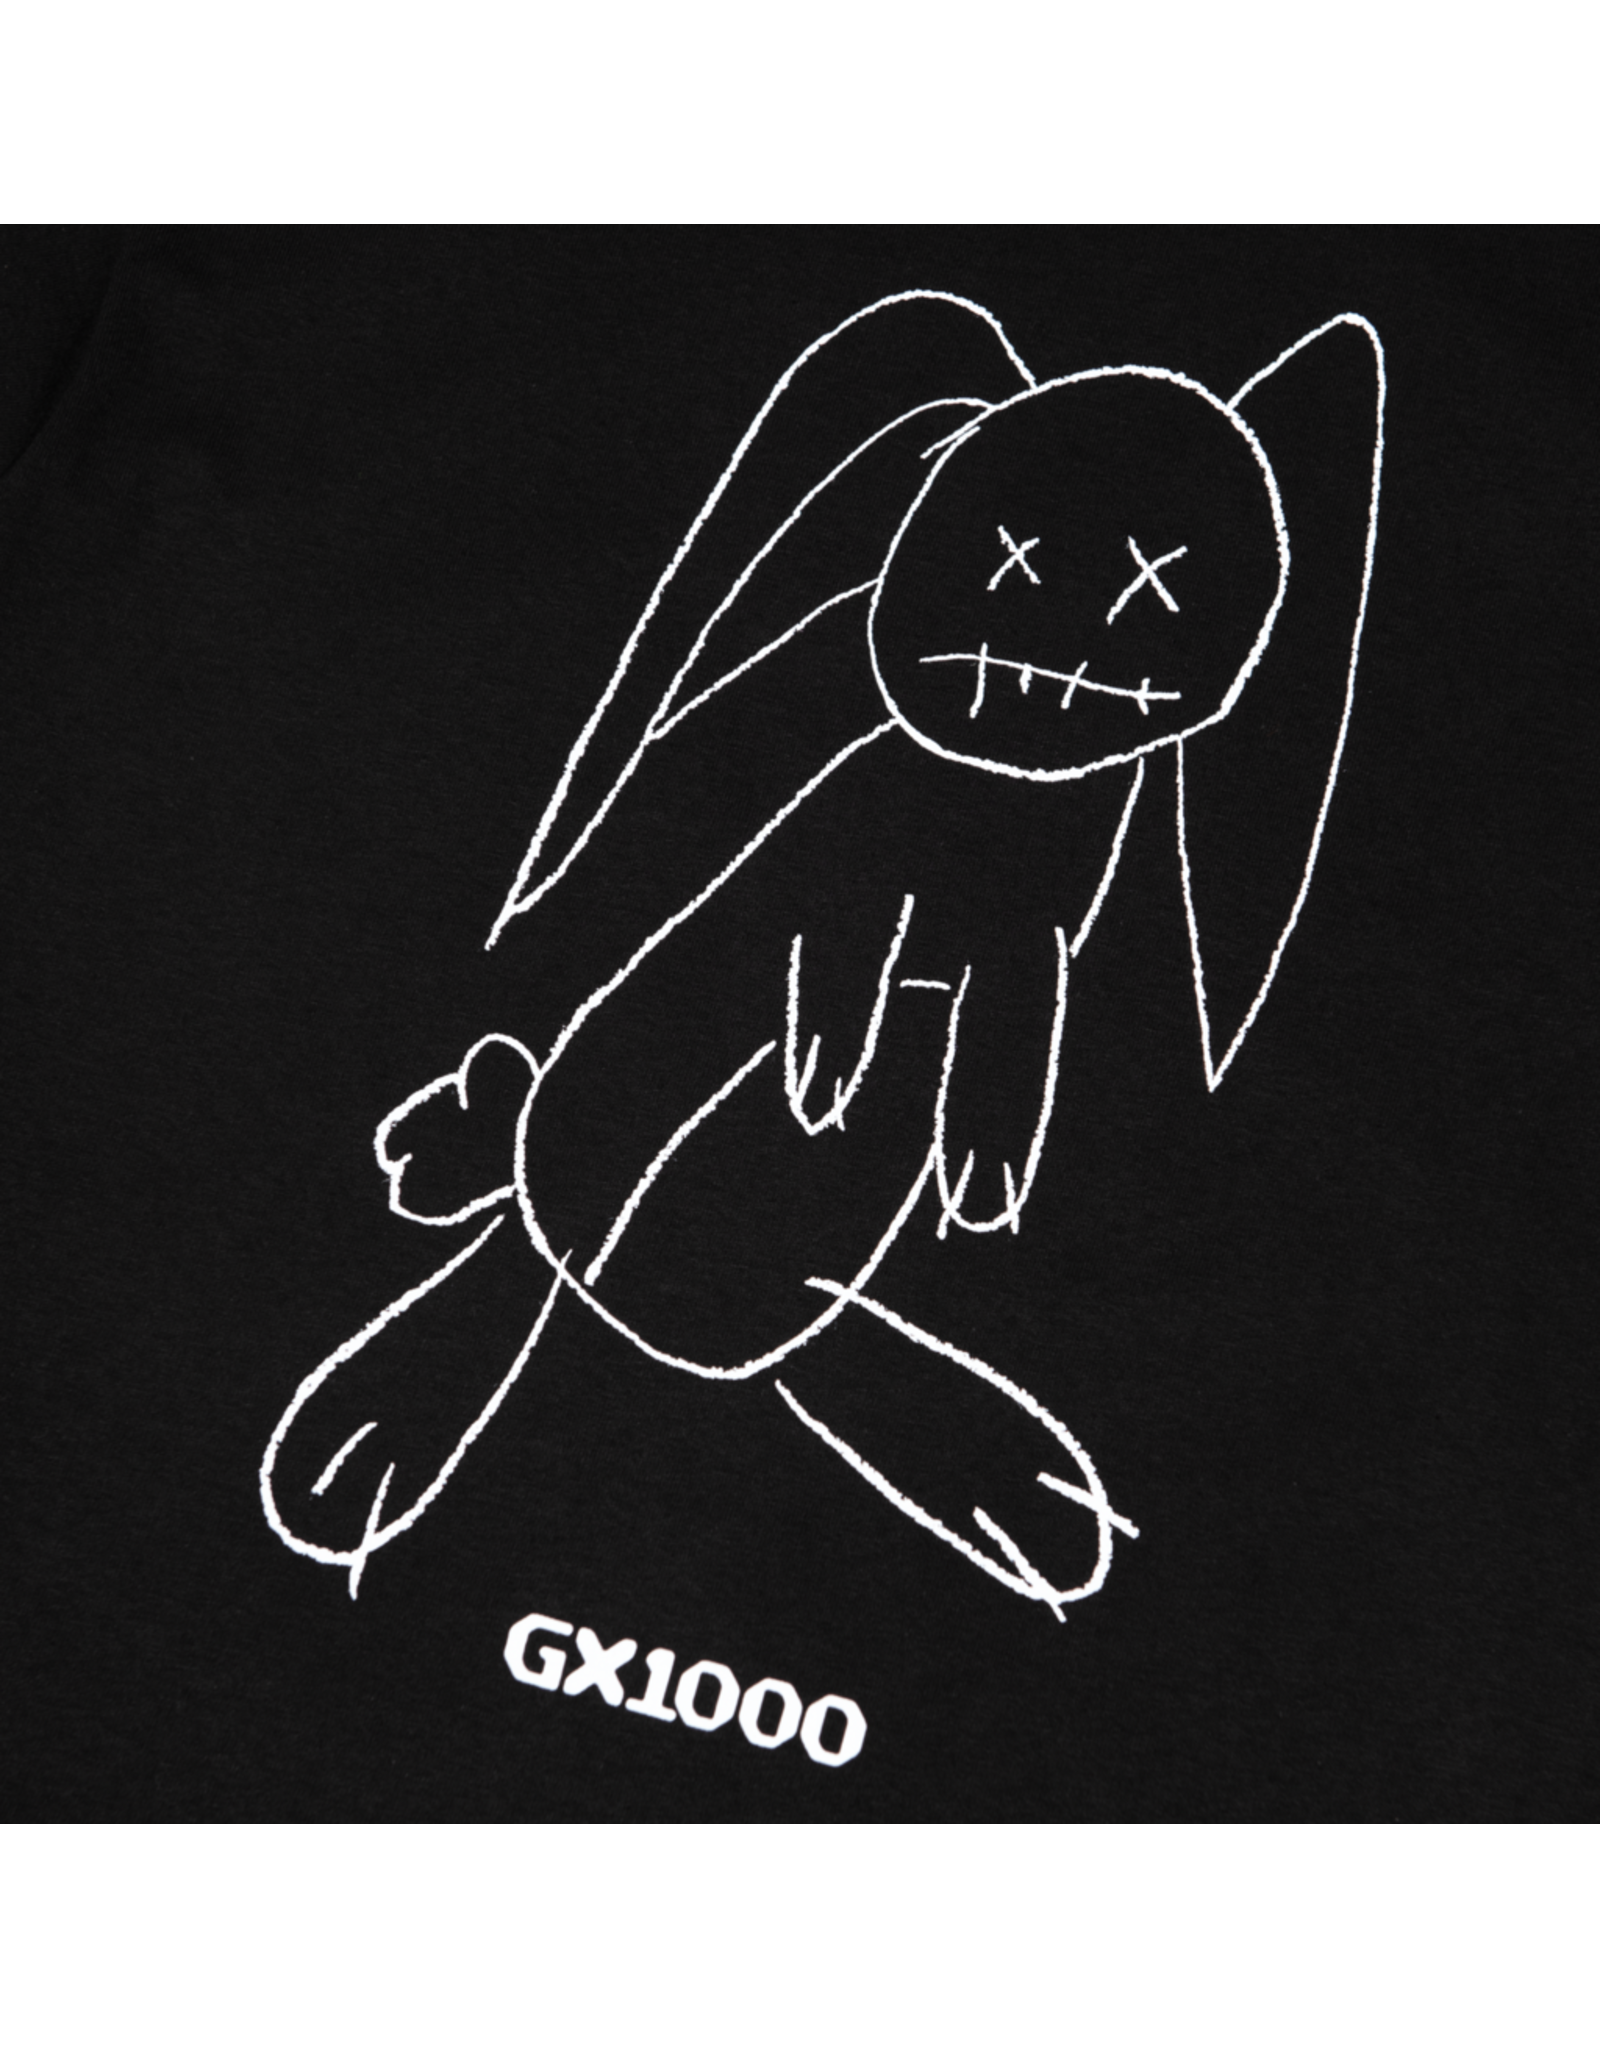 GX1000 Bunny - Black